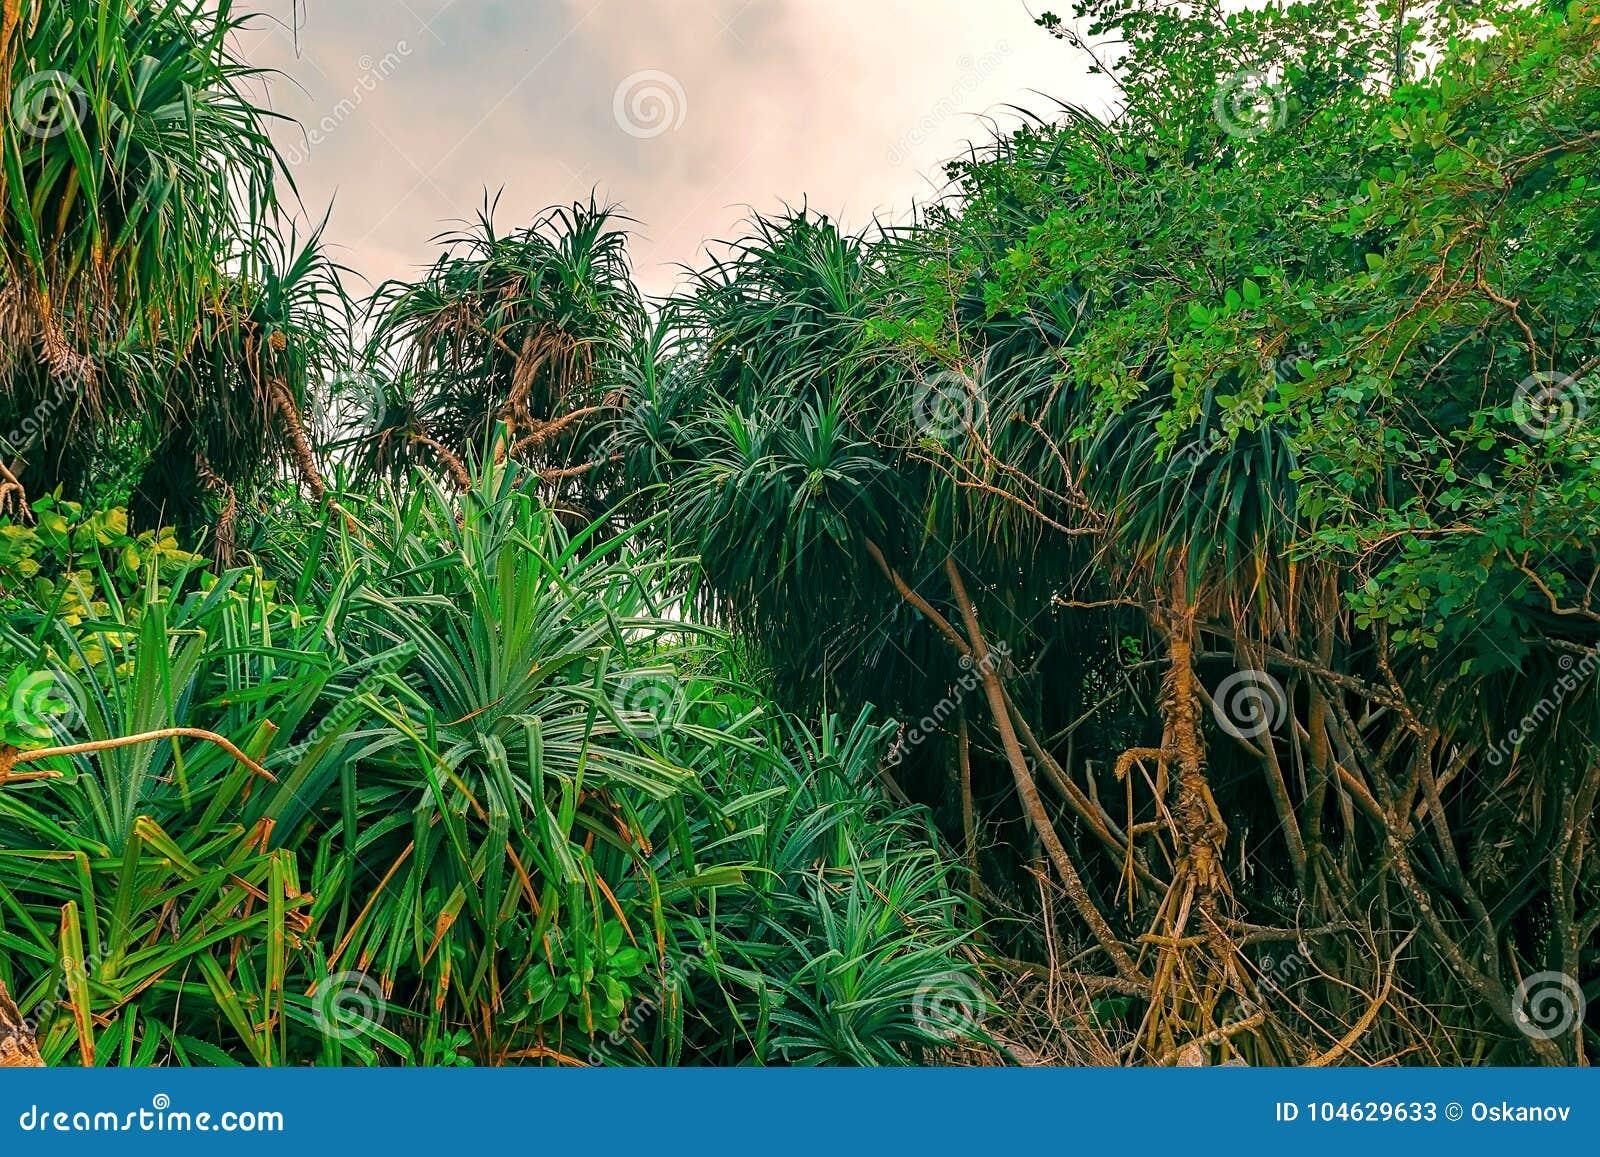 Download Mooie schroefpijnboom stock afbeelding. Afbeelding bestaande uit achtergrond - 104629633